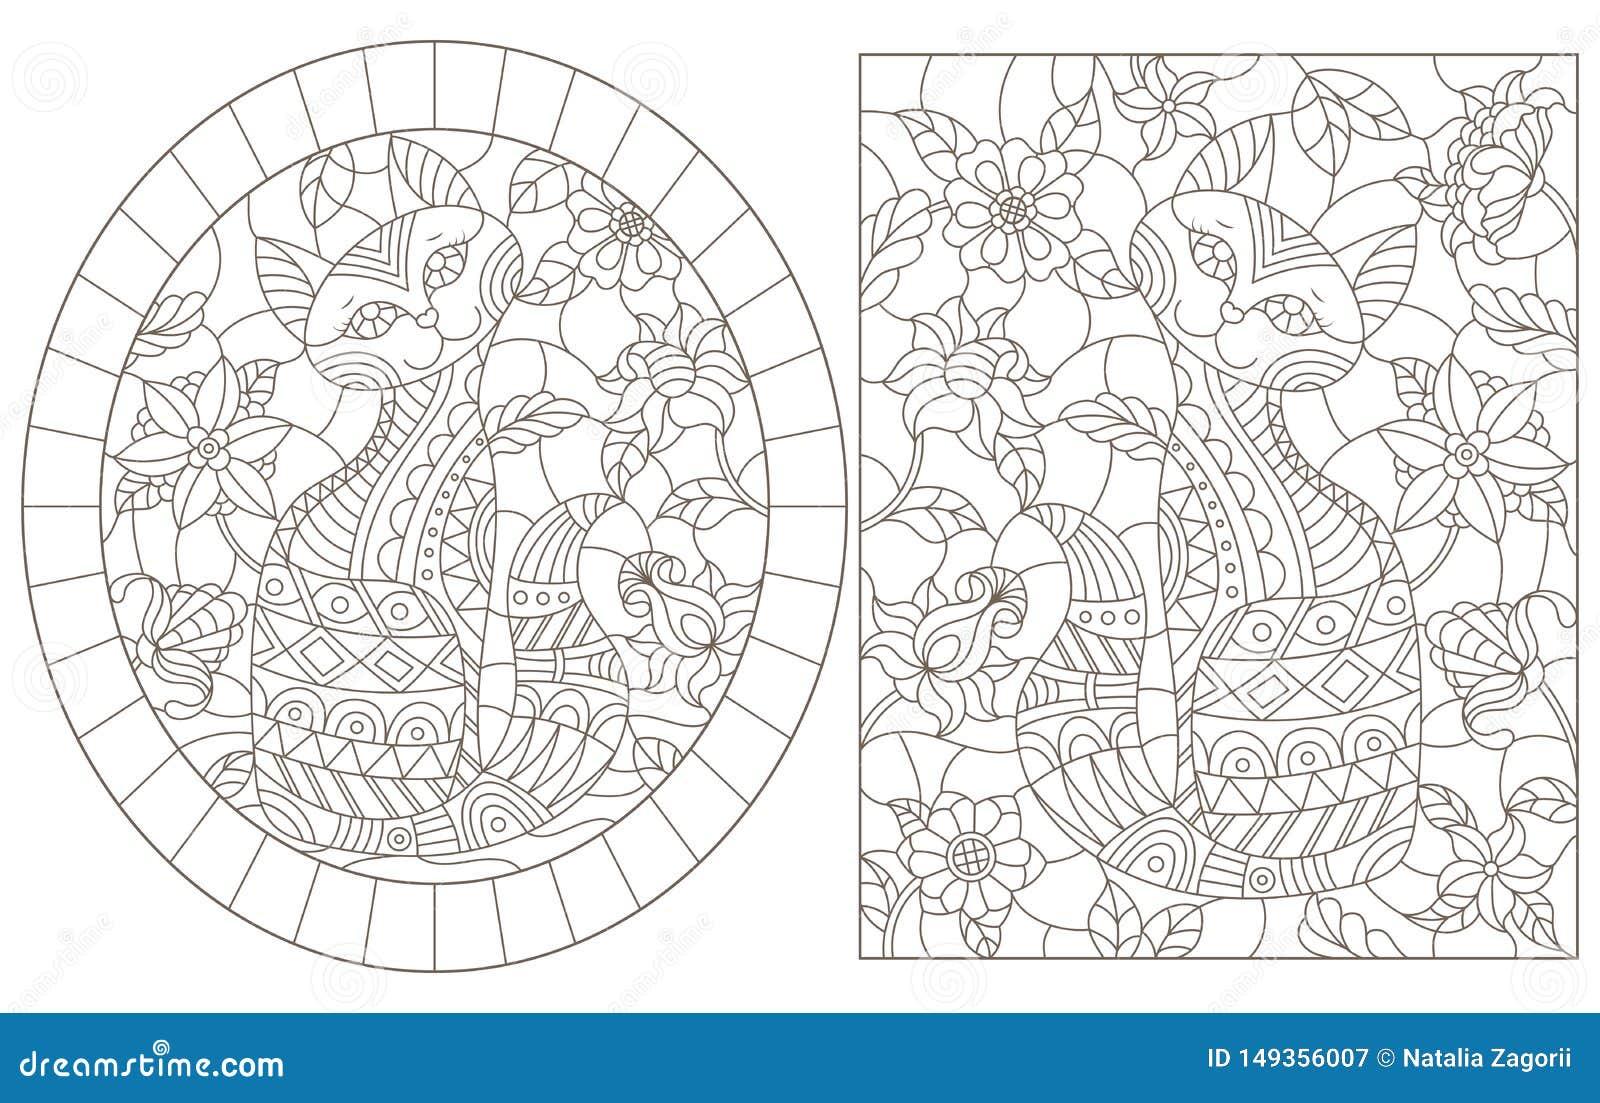 Контур установил с иллюстрациями витражей с котами на предпосылке цветов, темных контуров на белой предпосылке